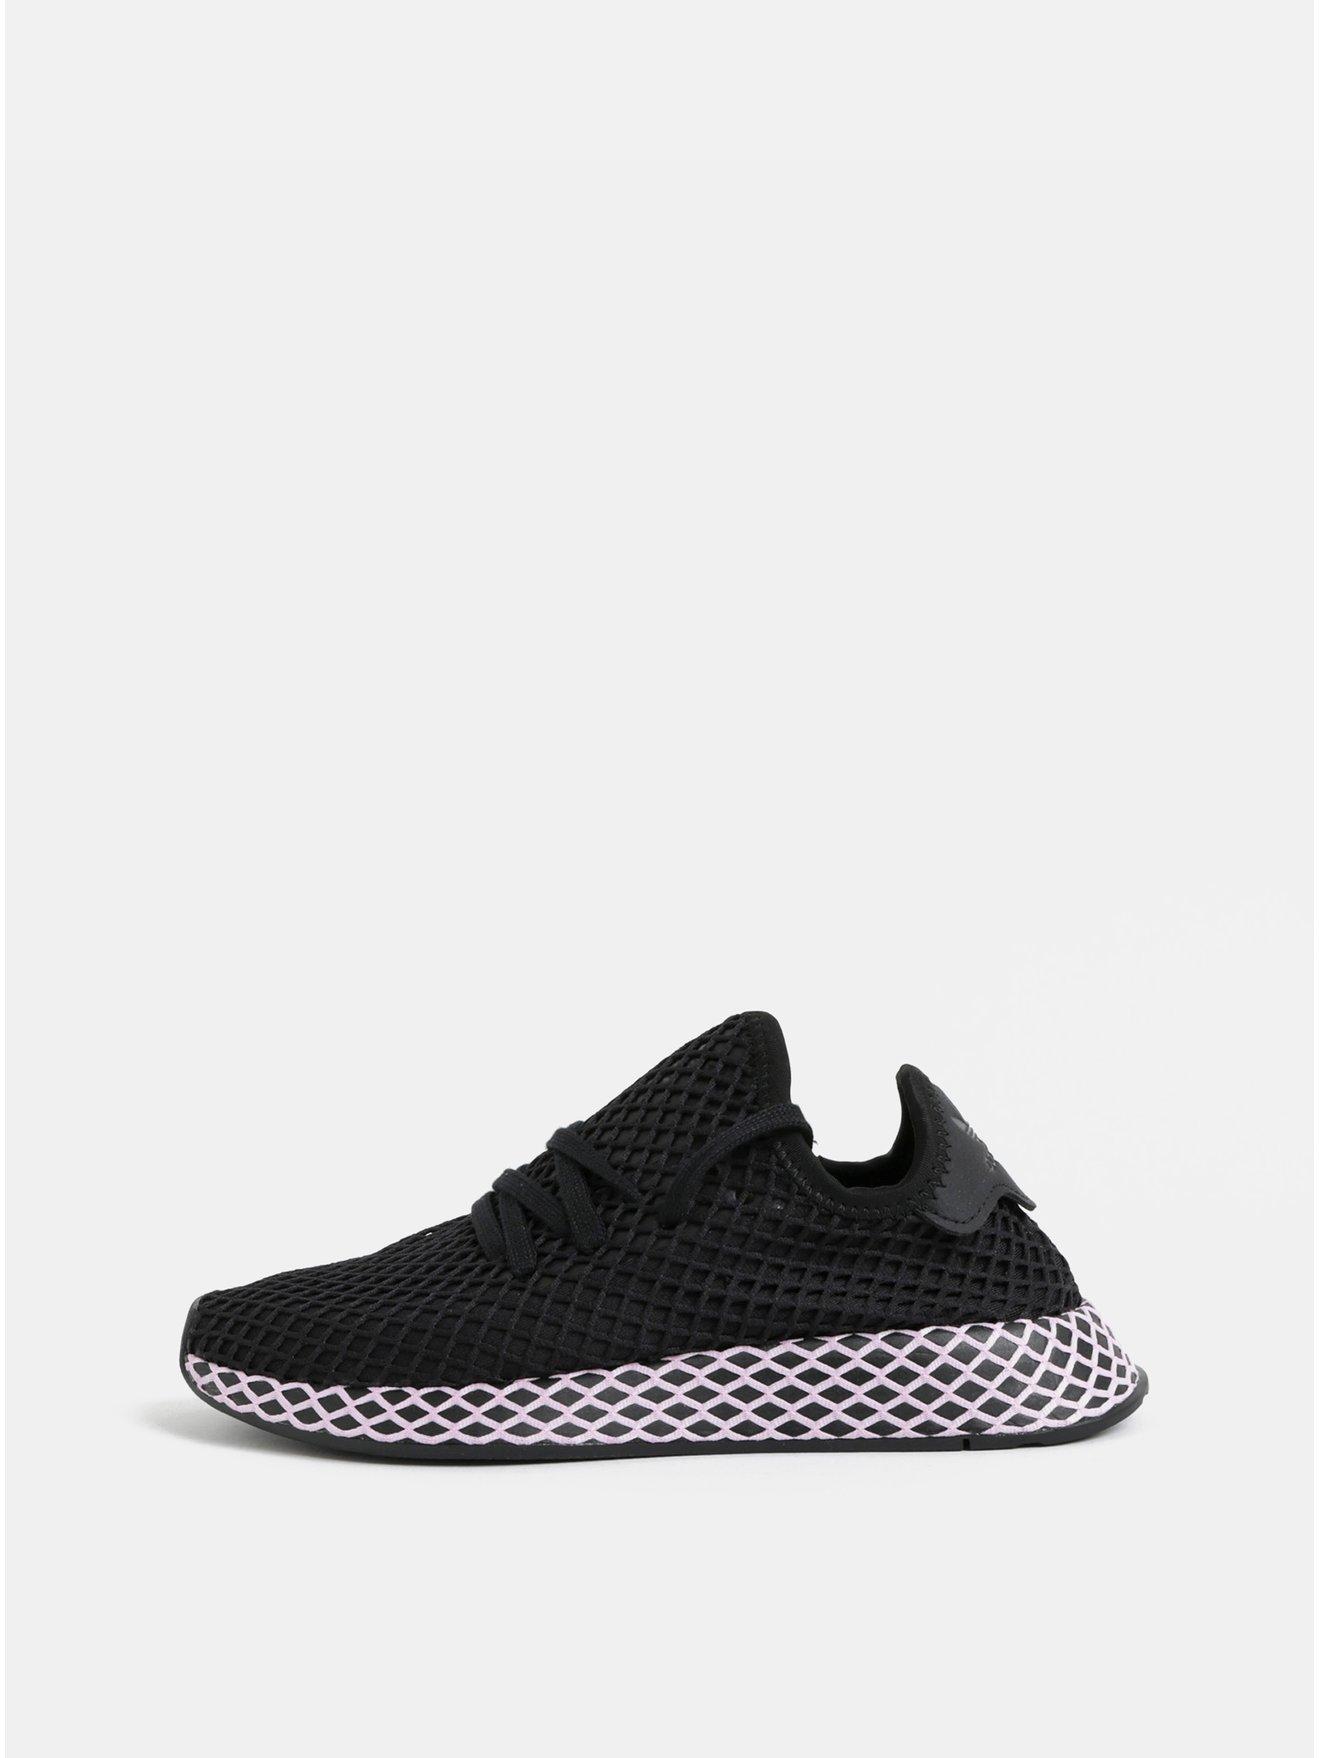 Růžovo-černé dámské síťované tenisky adidas Originals Deerupt - Dámské  tenisky